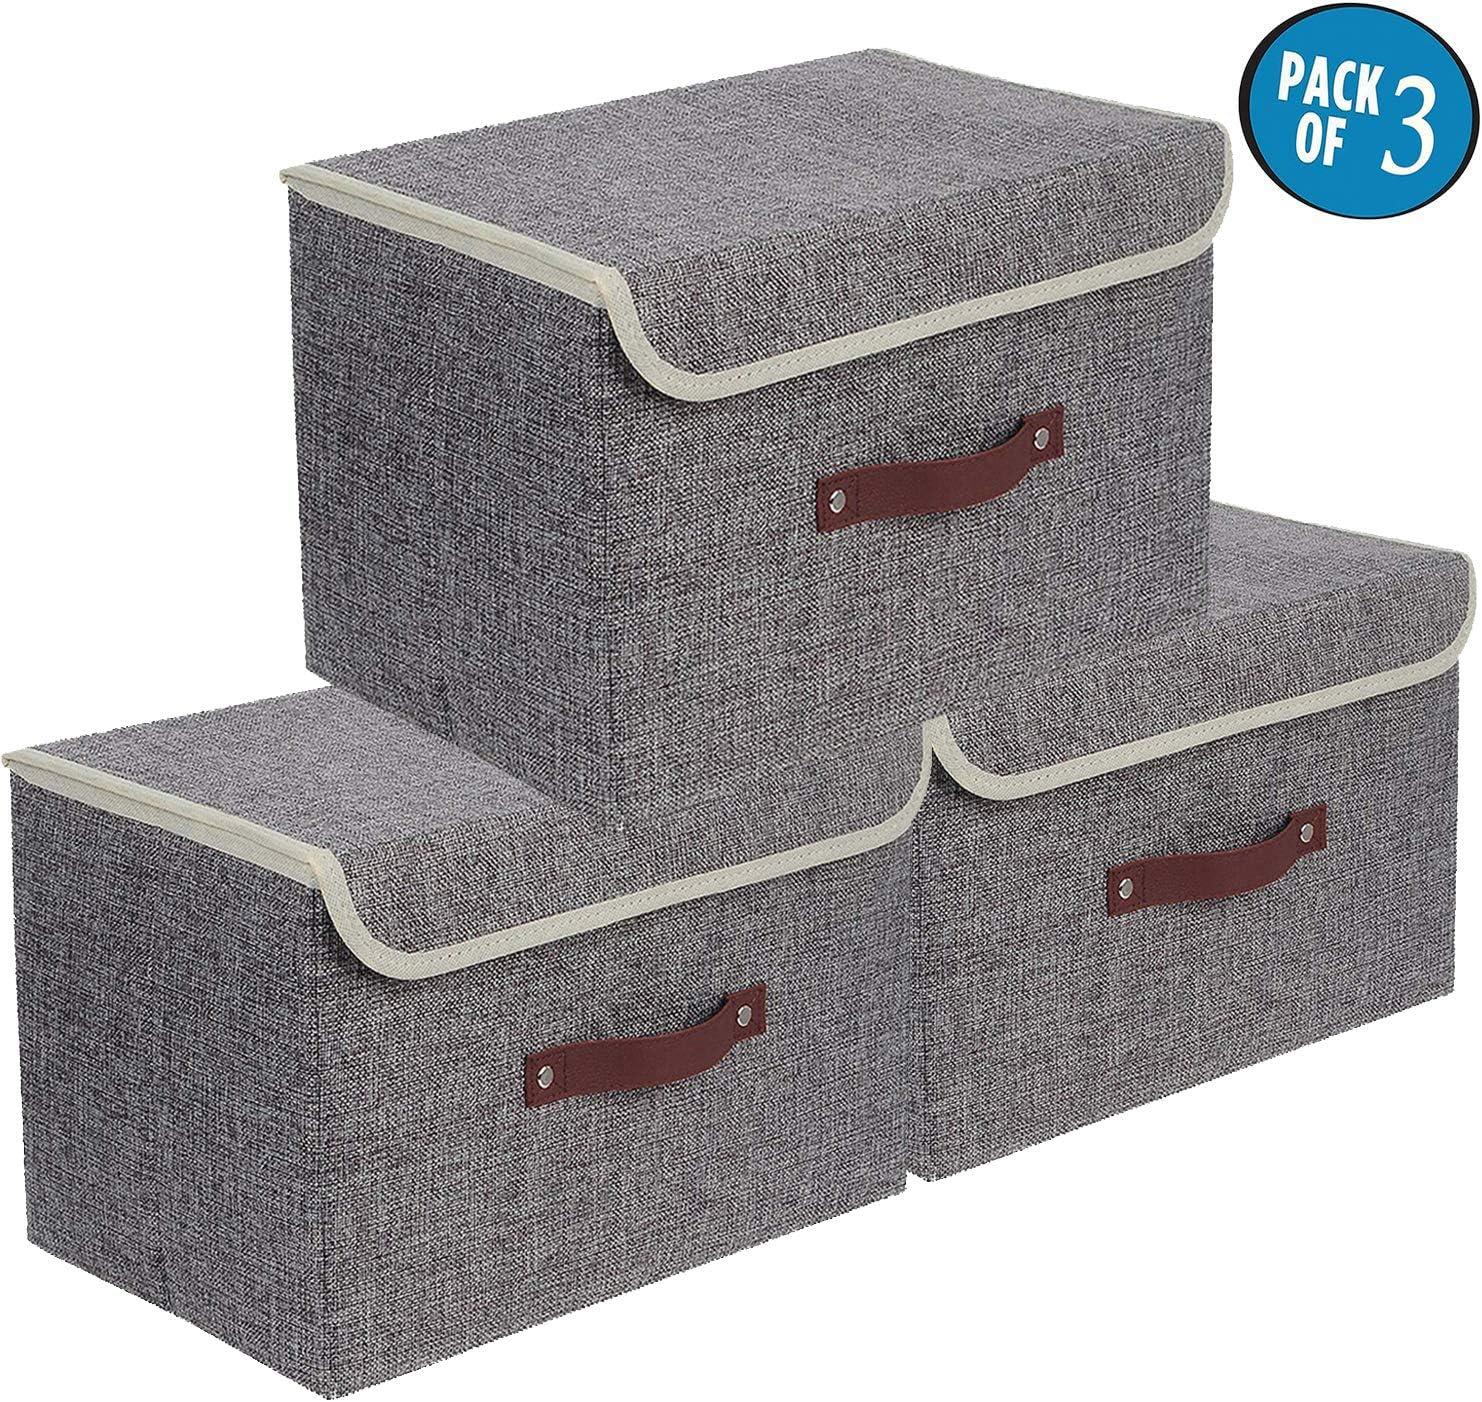 E-MANIS Cajas de almacenaje,Cajas de Almacenamiento con Tapas,Set de 3 Organizadores de Juguetes,Ropa y Libros para Dormitorios y Estanterías (Gris)